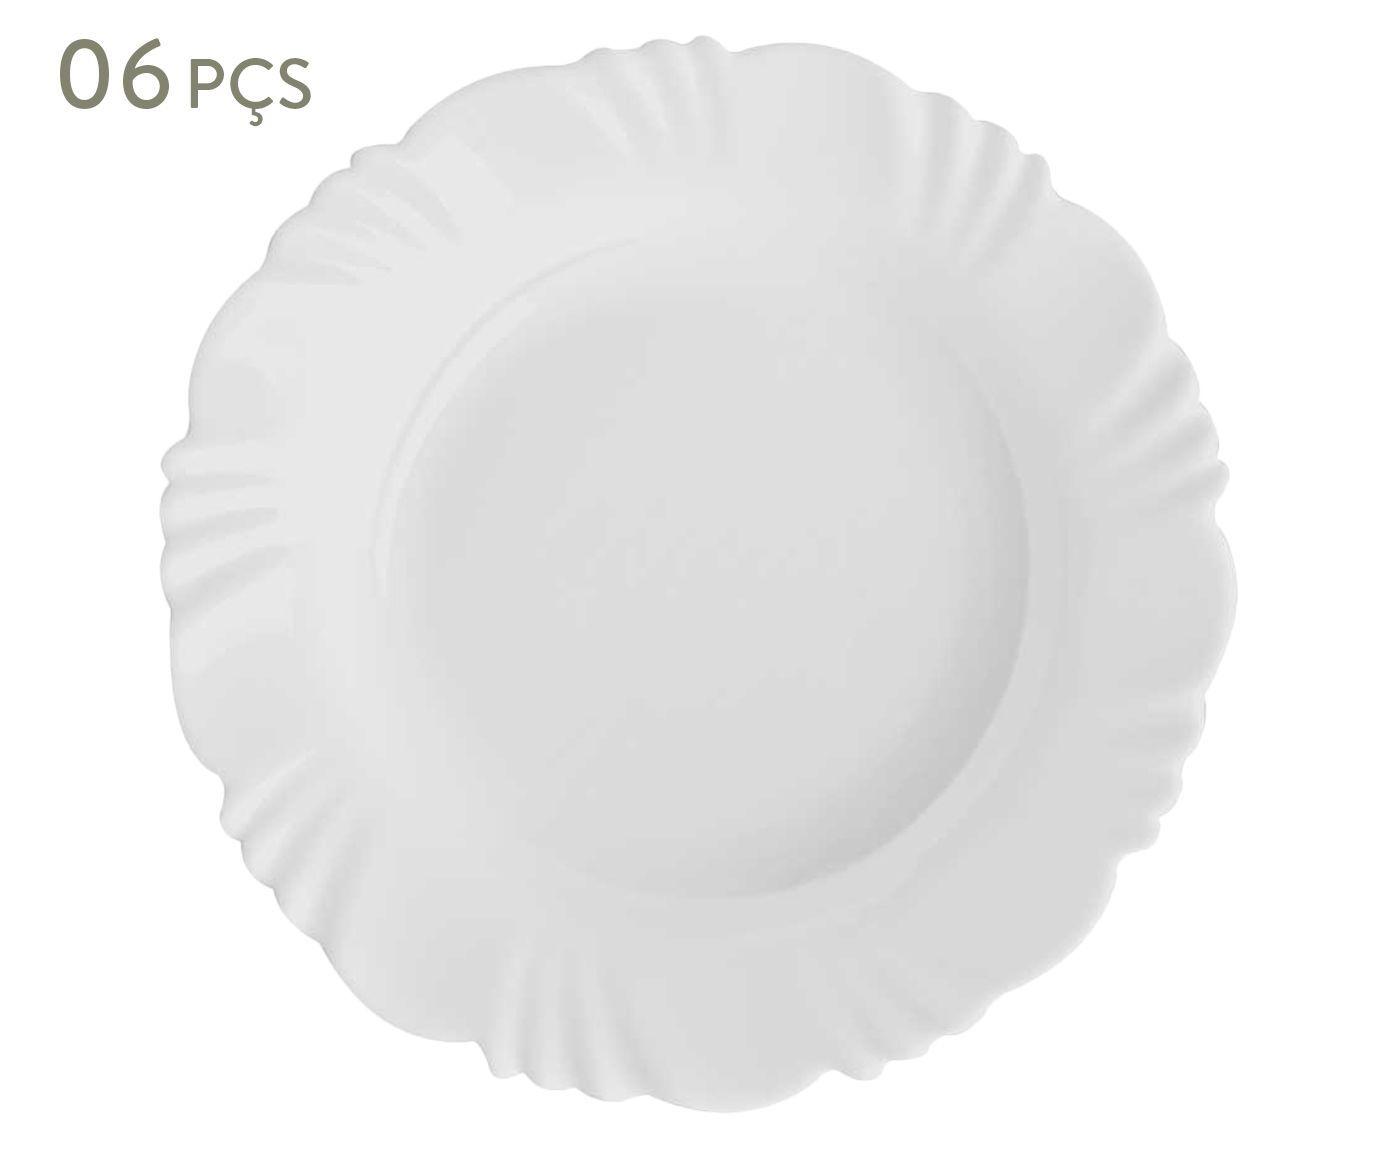 Conjunto de pratos fundos bott - duralex | Westwing.com.br